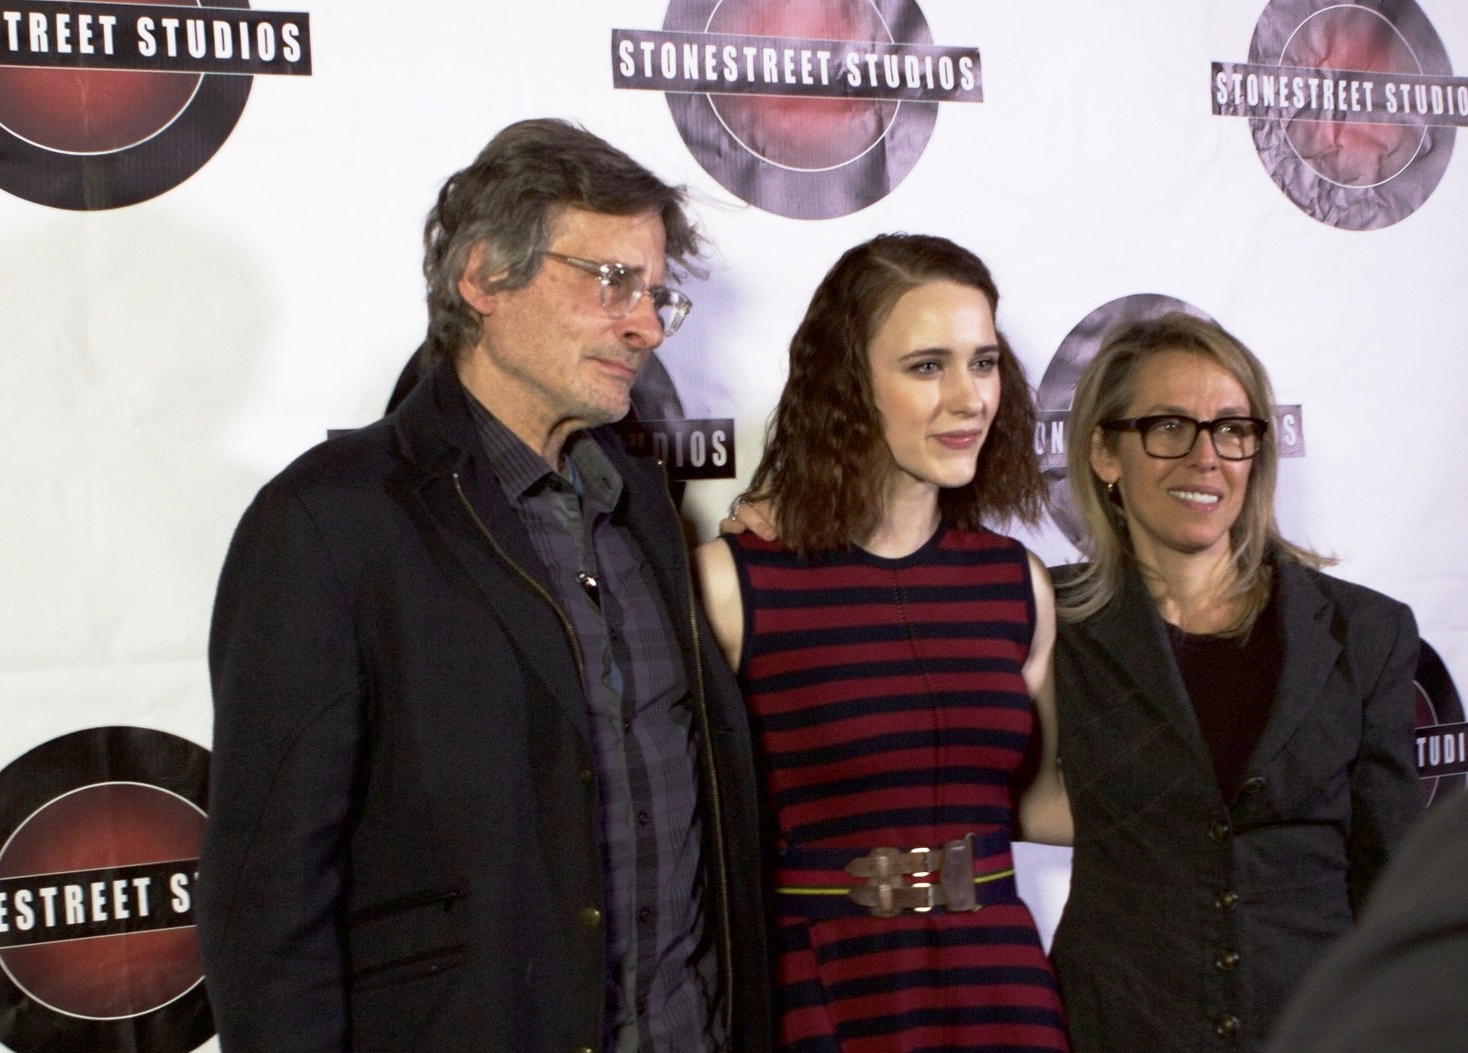 Pictured: Gary O. Bennett, Rachel Brosnahan, and Alyssa Rallo Bennett on the red carpet of the 2017 Granite Award Ceremony.